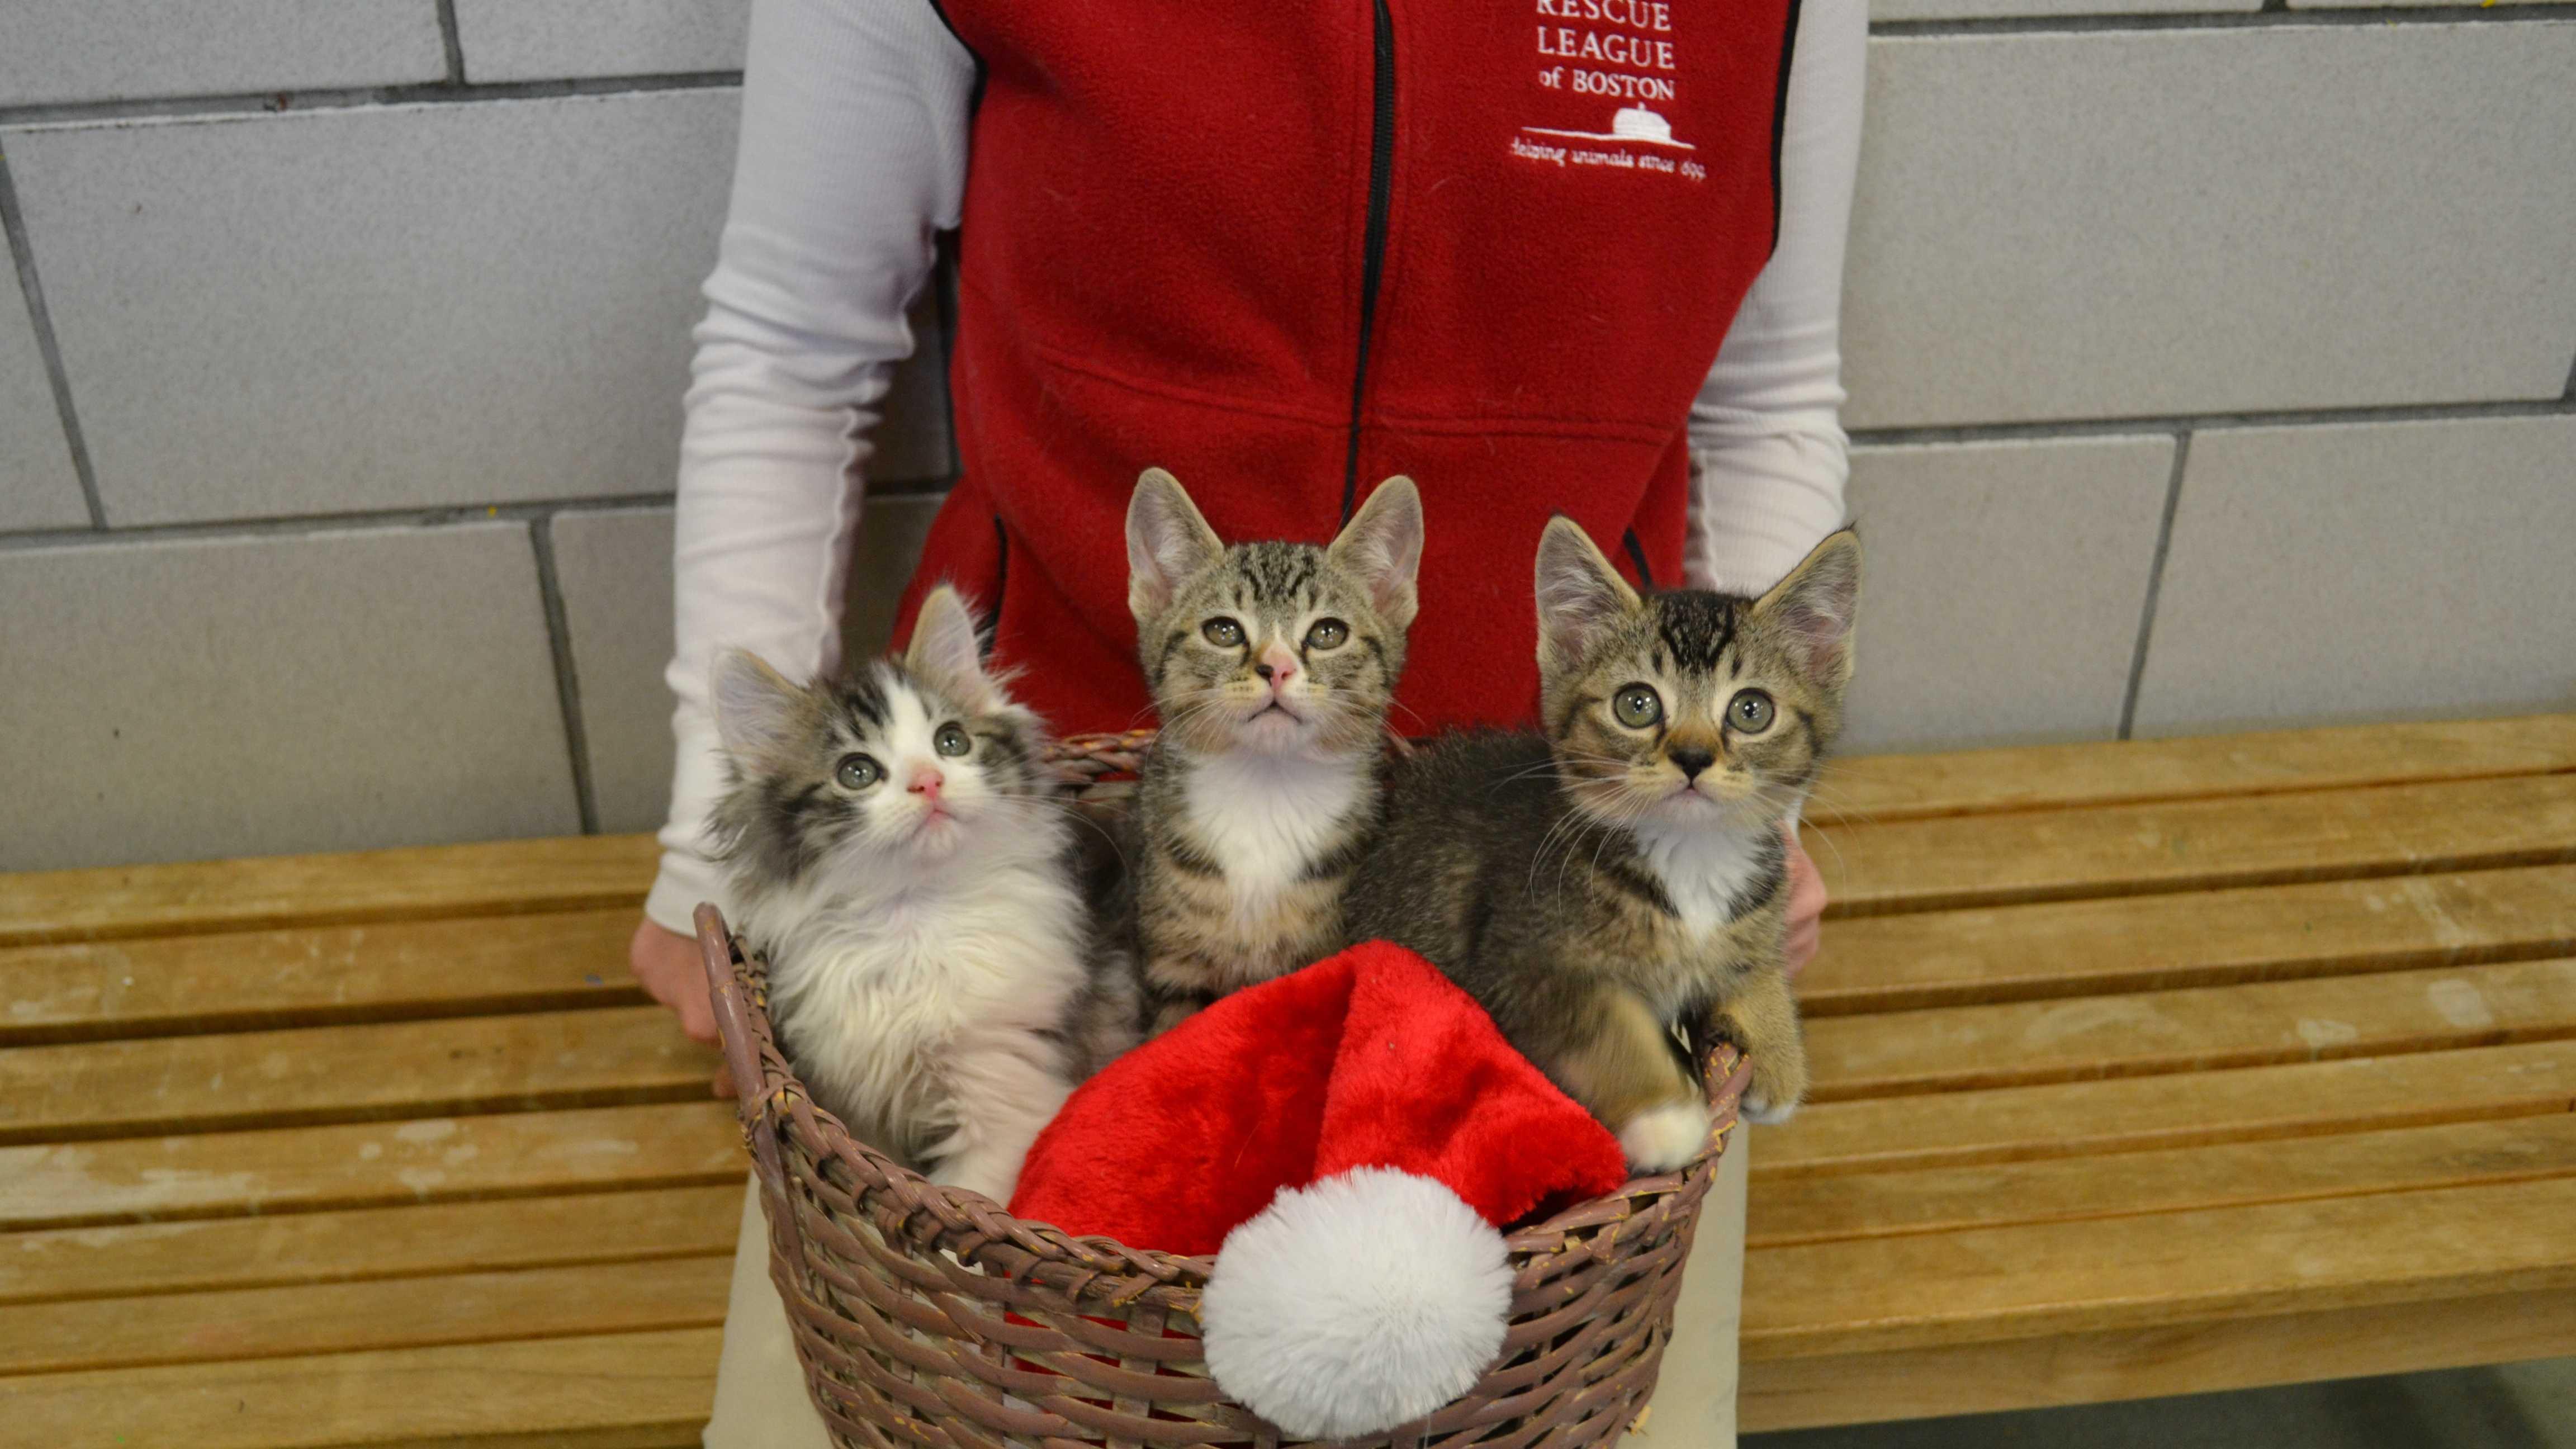 Shelter kittens